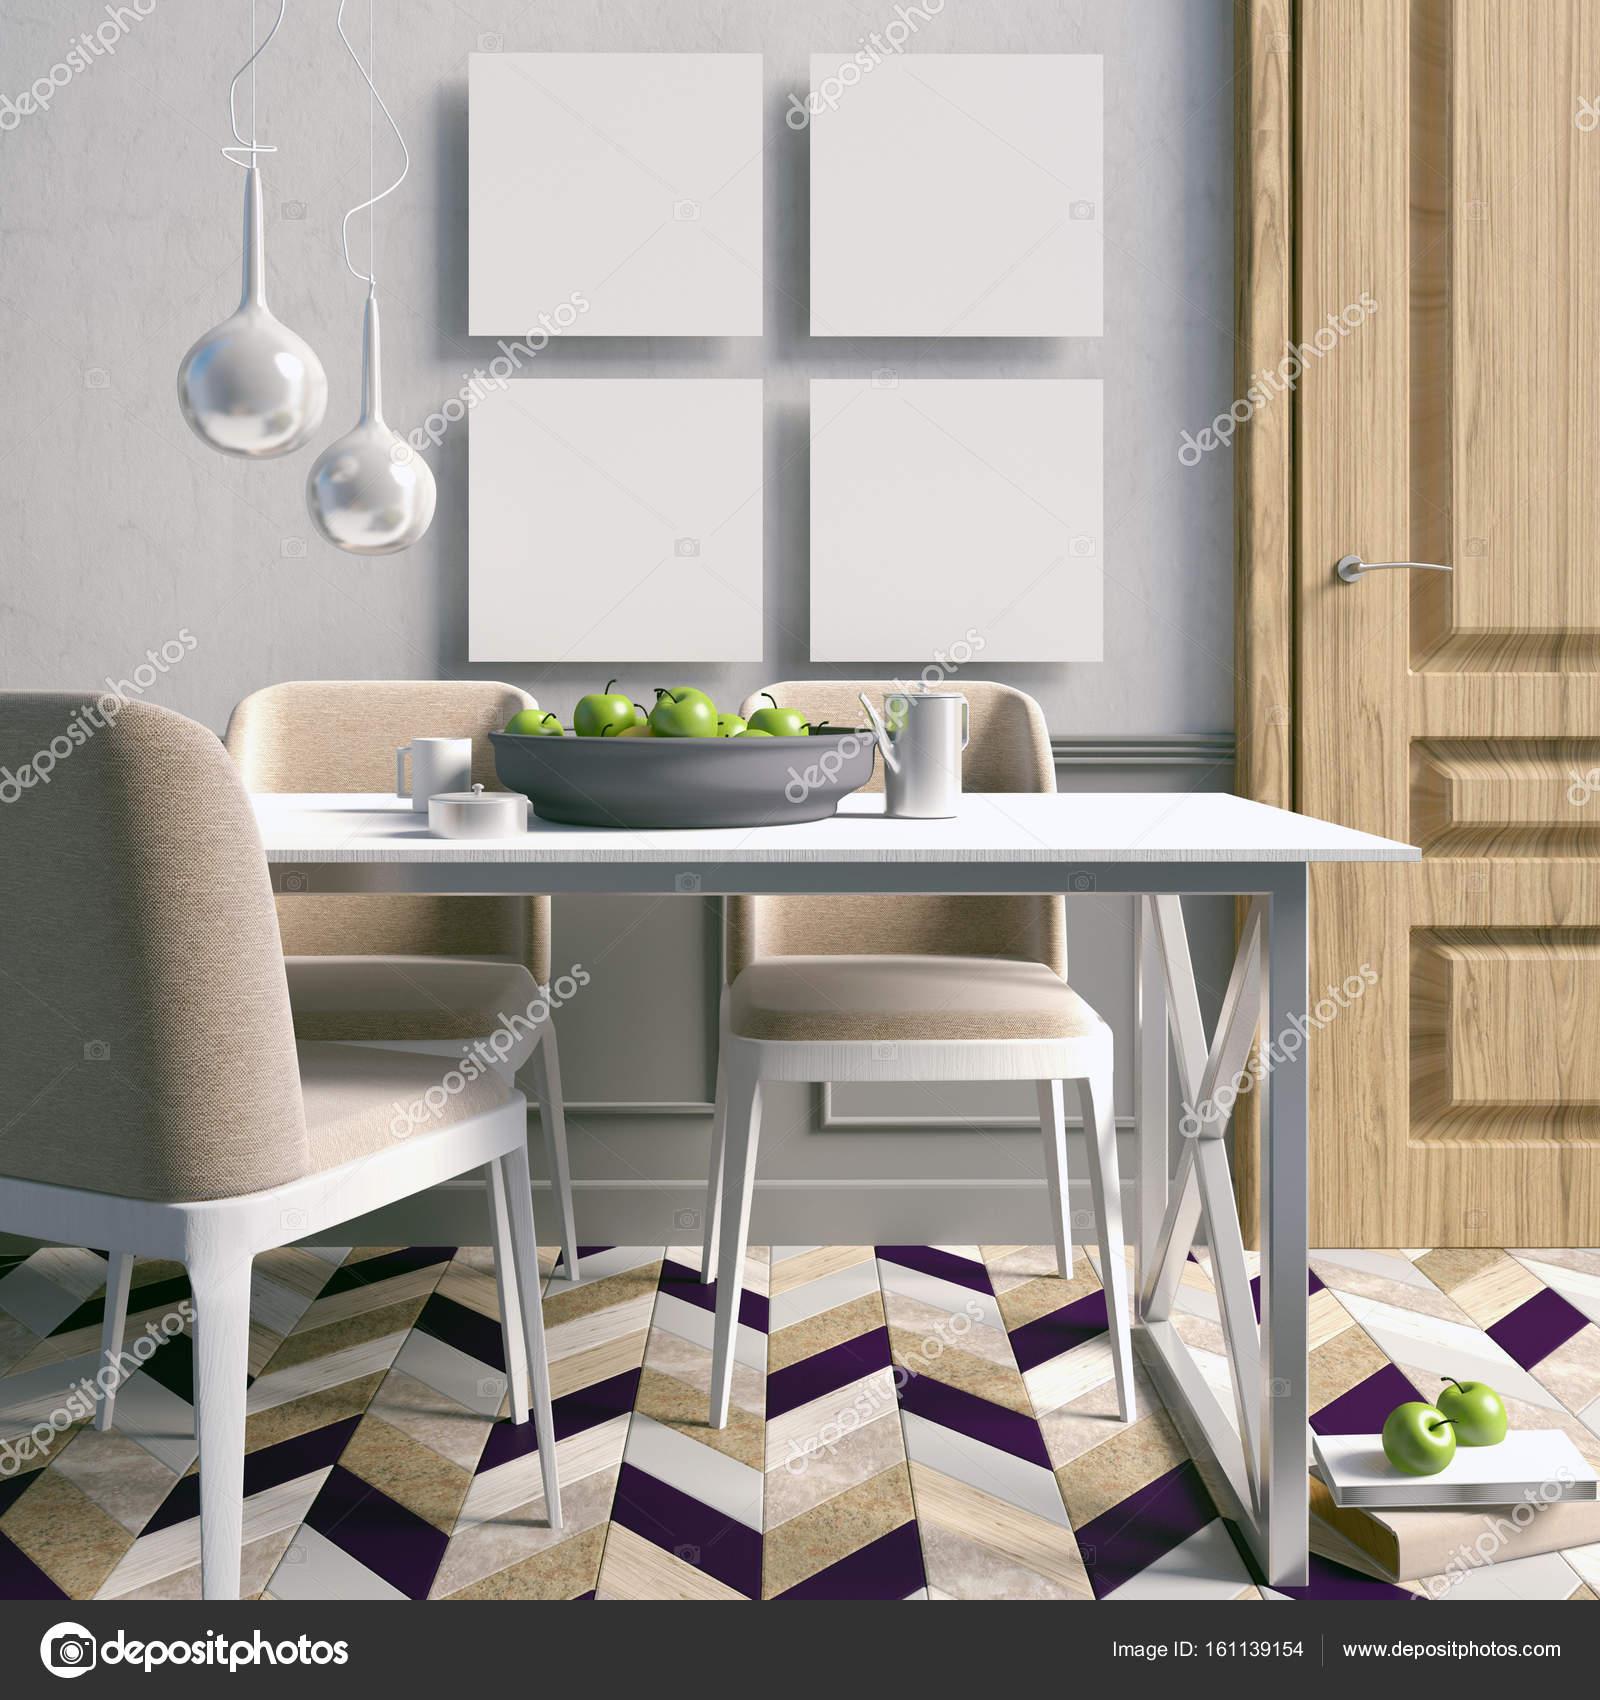 Mock Up Plakat Im Innenraum Mit Essbereich. Moderne Wohnzimmer U2014 Stockfoto